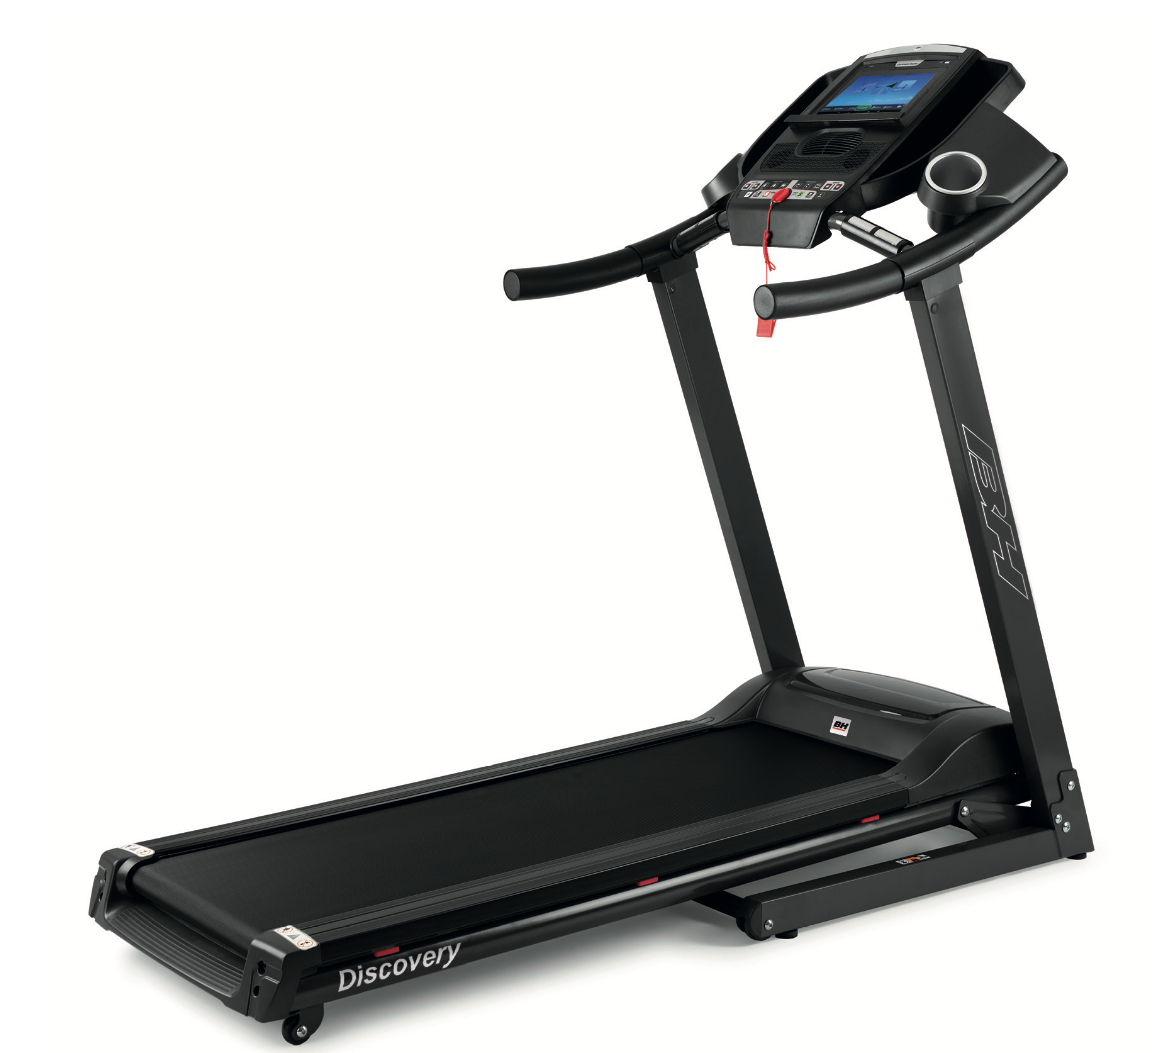 BH Fitness Discovery TFT Tapis de Course avec Television, Ecran Tactile, Internet, et Réalité Virtuelle